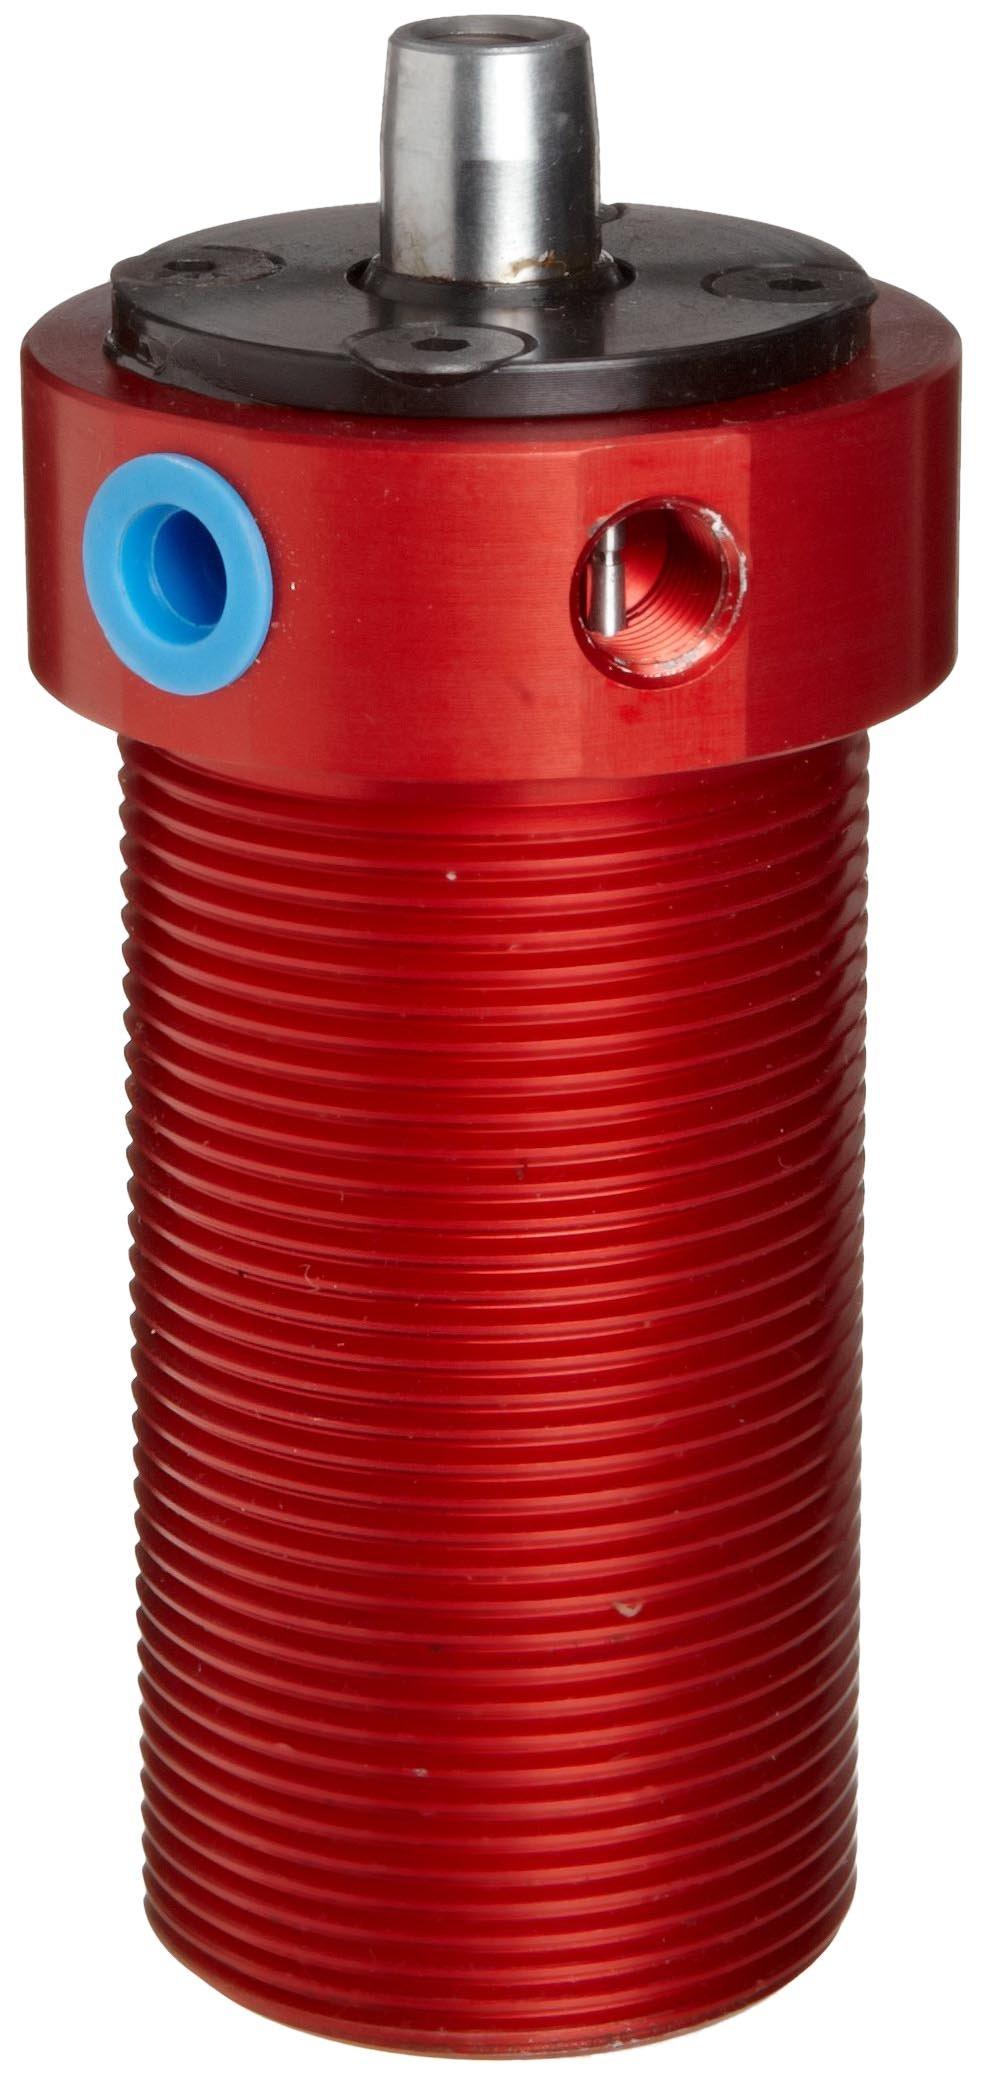 DE-STA-CO 8416-LA Less Arm Pneumatic Swing Clamp Arm by De-Sta-Co